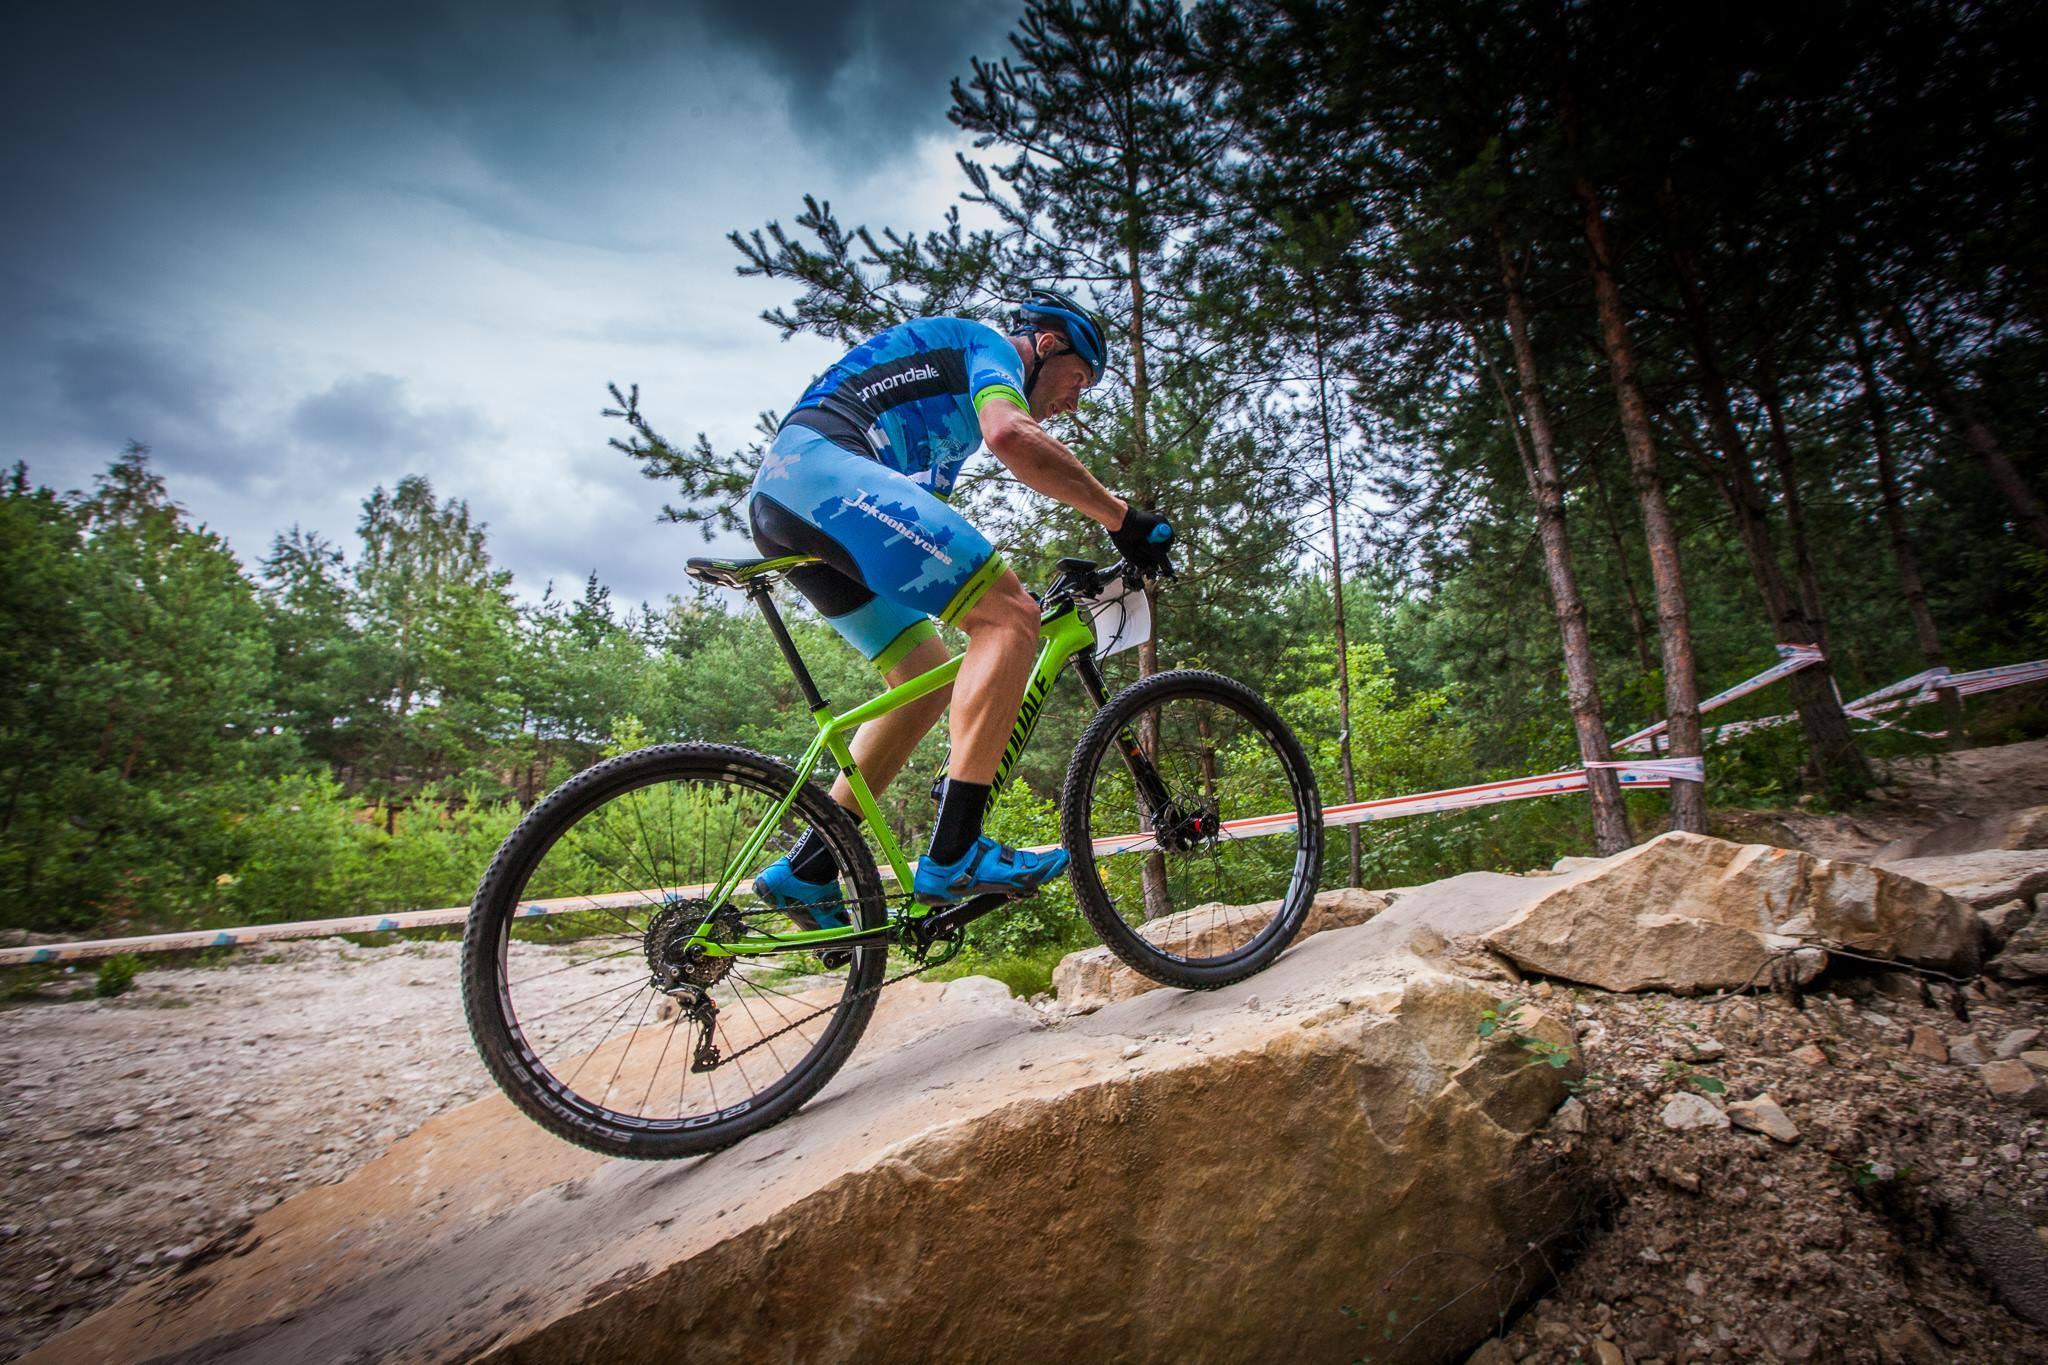 Jakub Wolcendorf (Jakoobcycles.com) – Mistrzostwa Polski XCO, Gielniów 2016 3